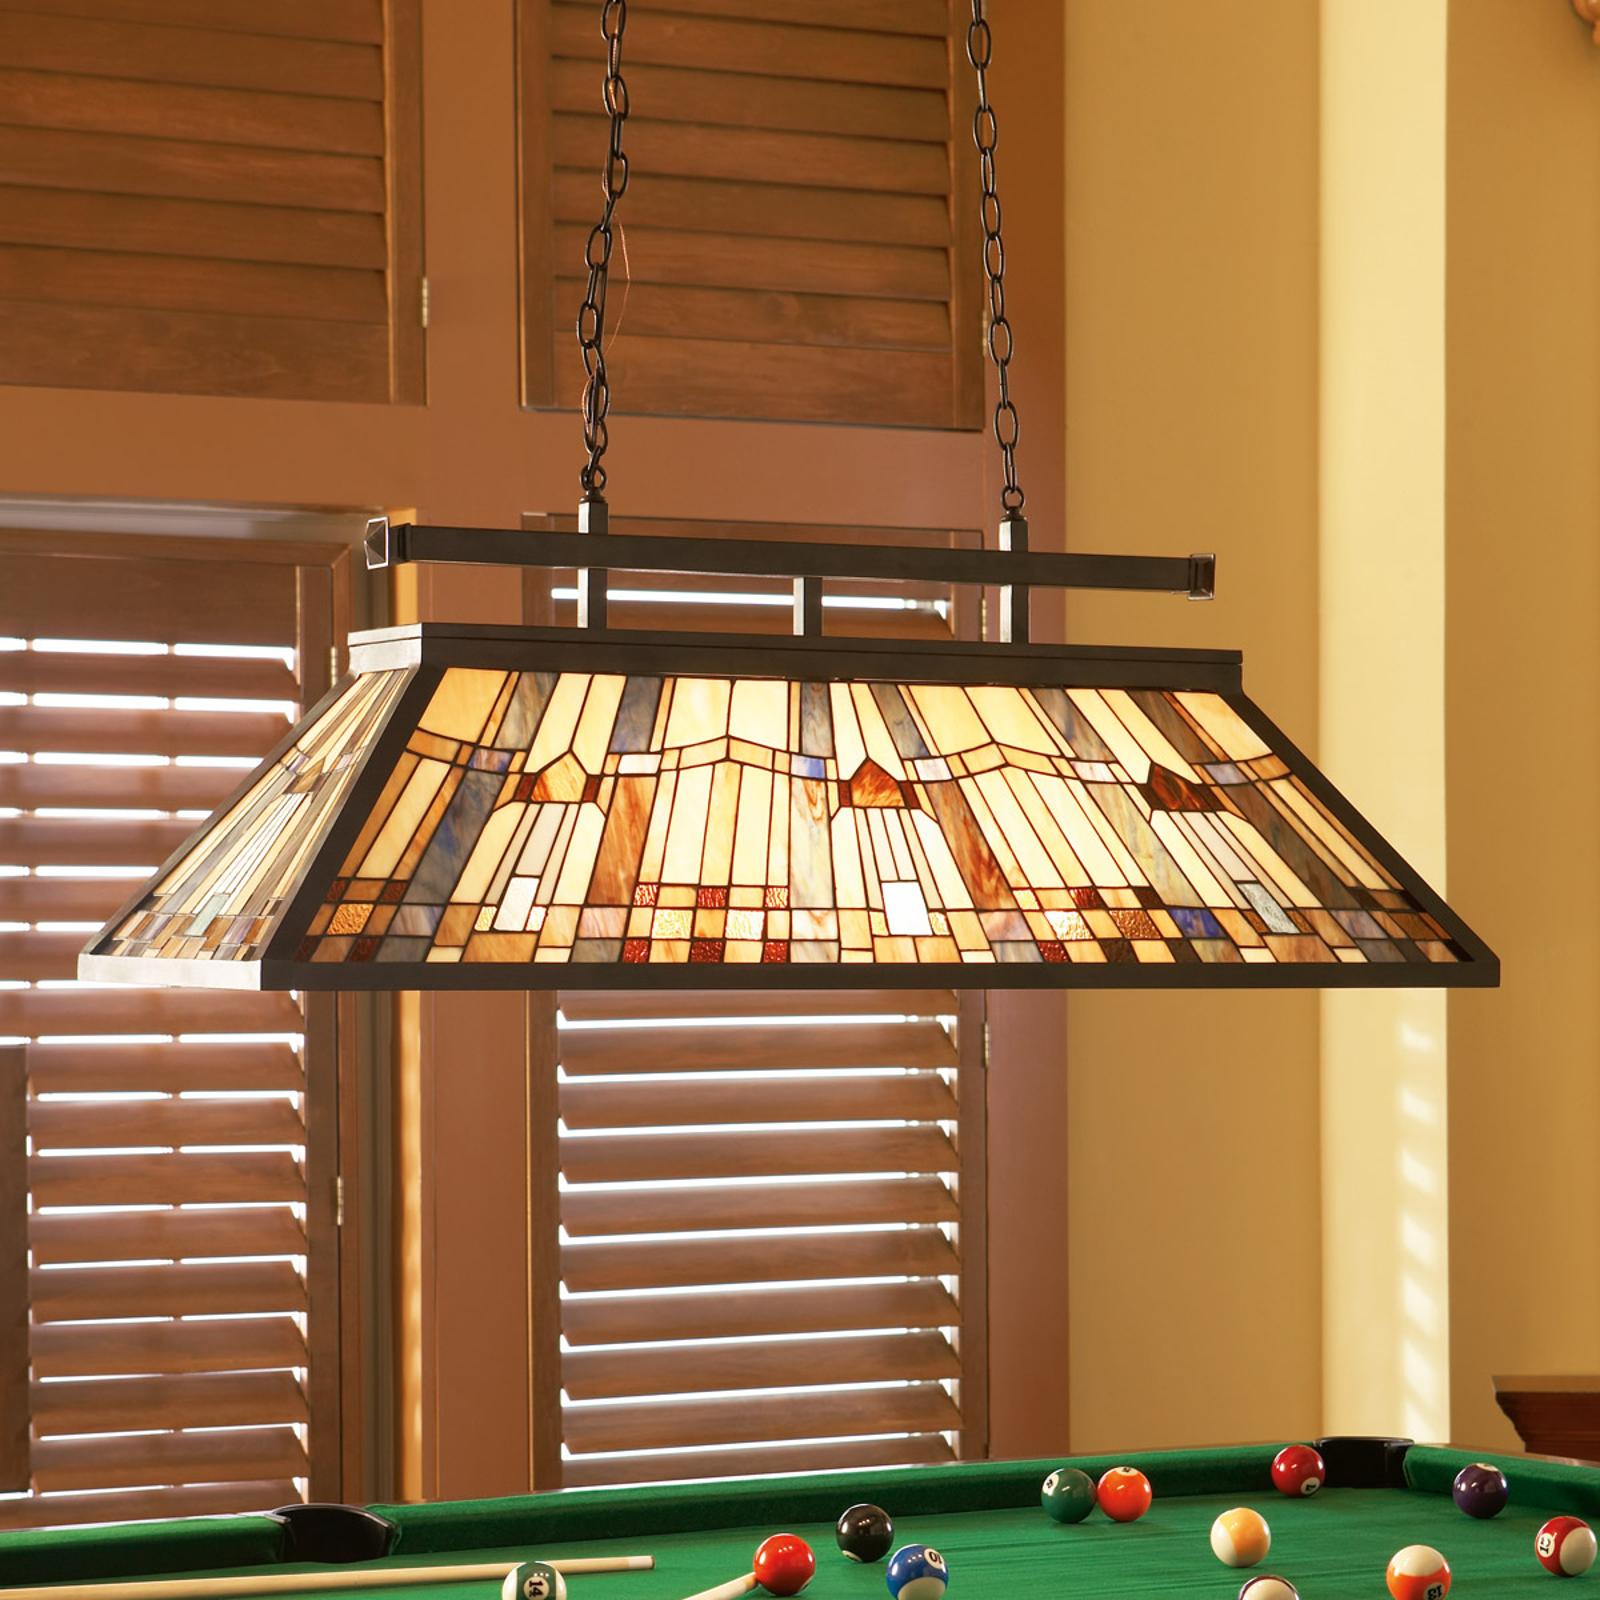 Inglenook sospensione vetro colorato L 121 cm